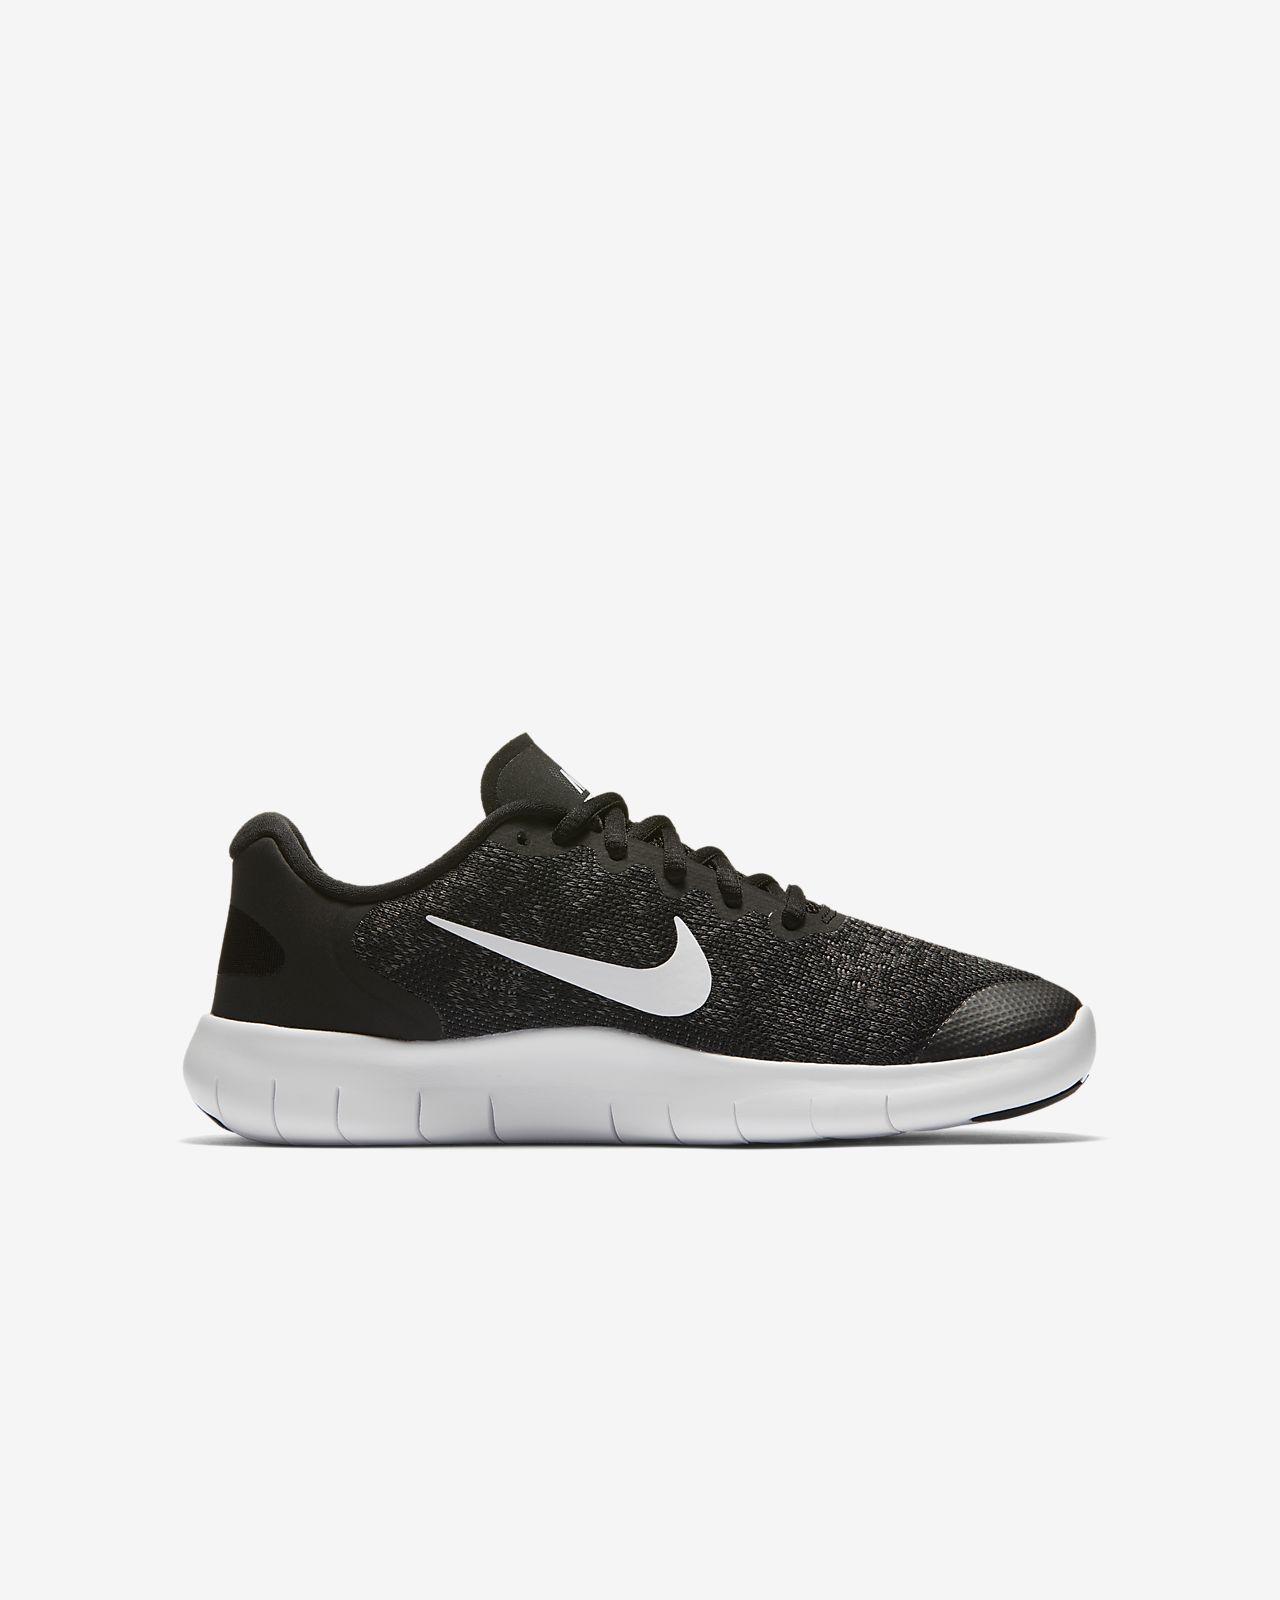 new concept 2e828 2690b ... Calzado de running para niños talla grande Nike Free RN 2017